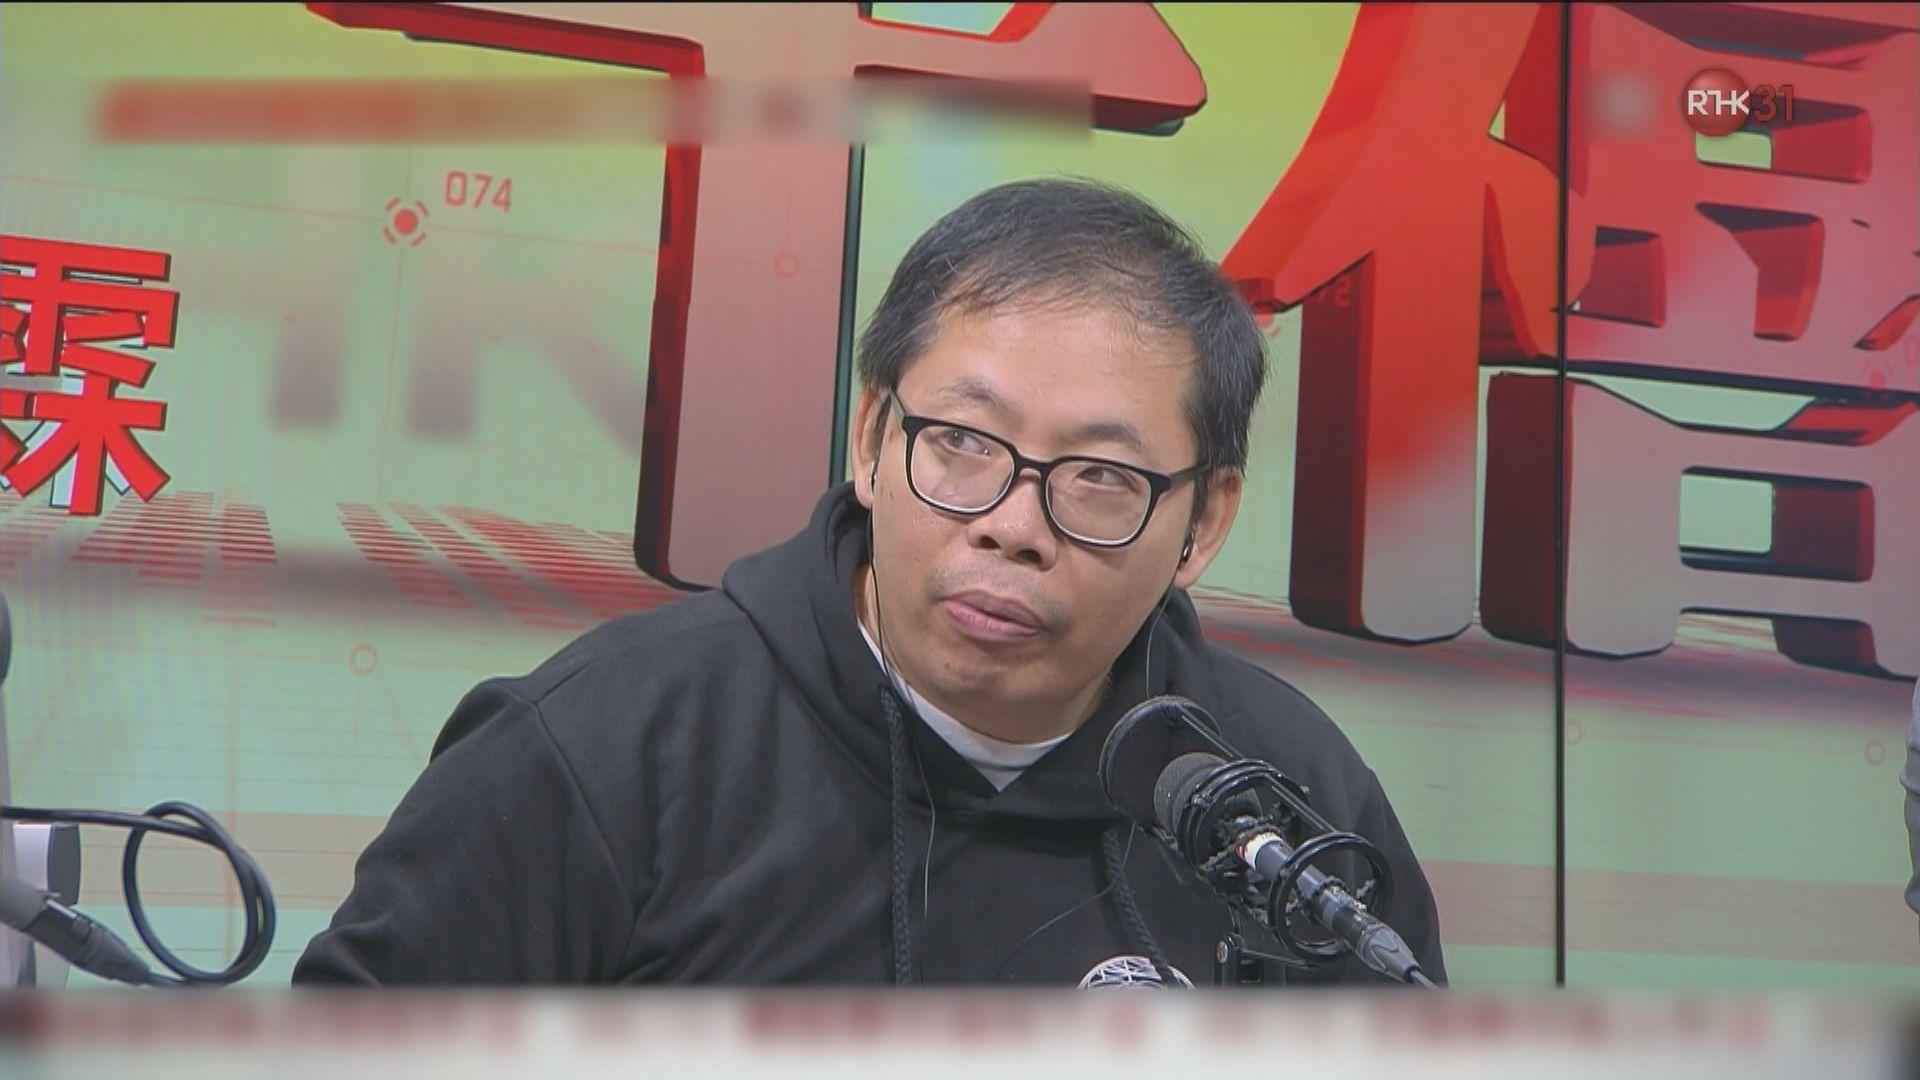 有議員要求國泰澄清客戶資料是否持續外洩